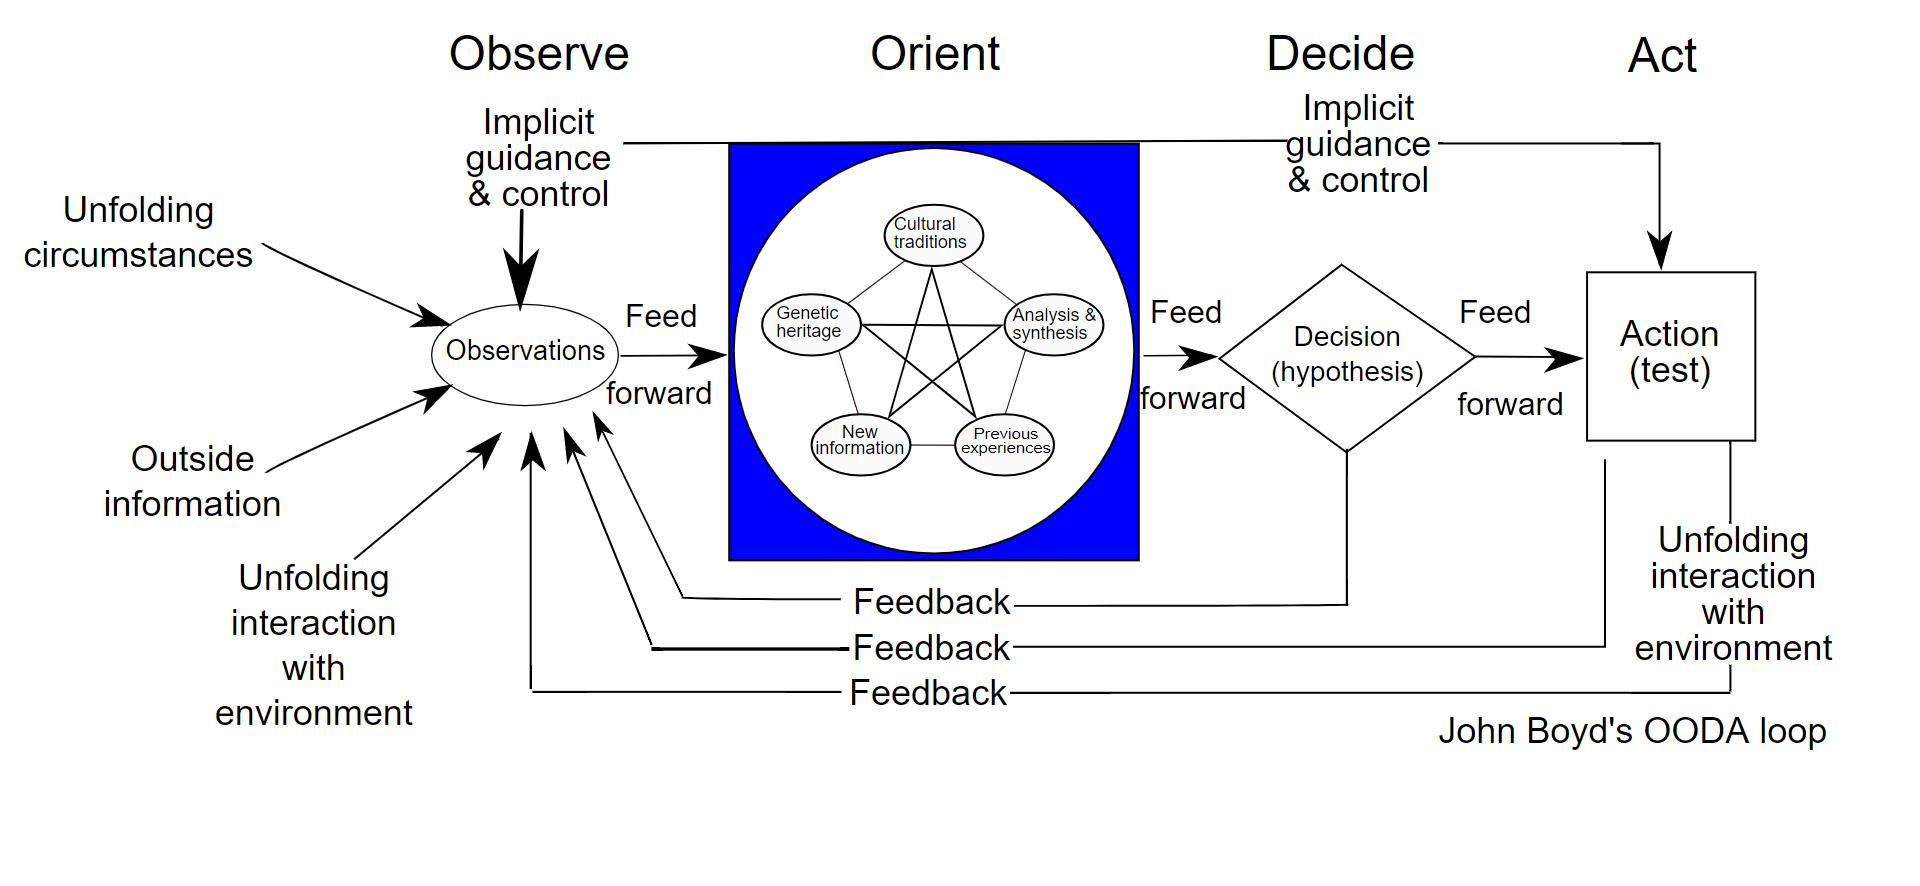 The OODA loop as described in detail below